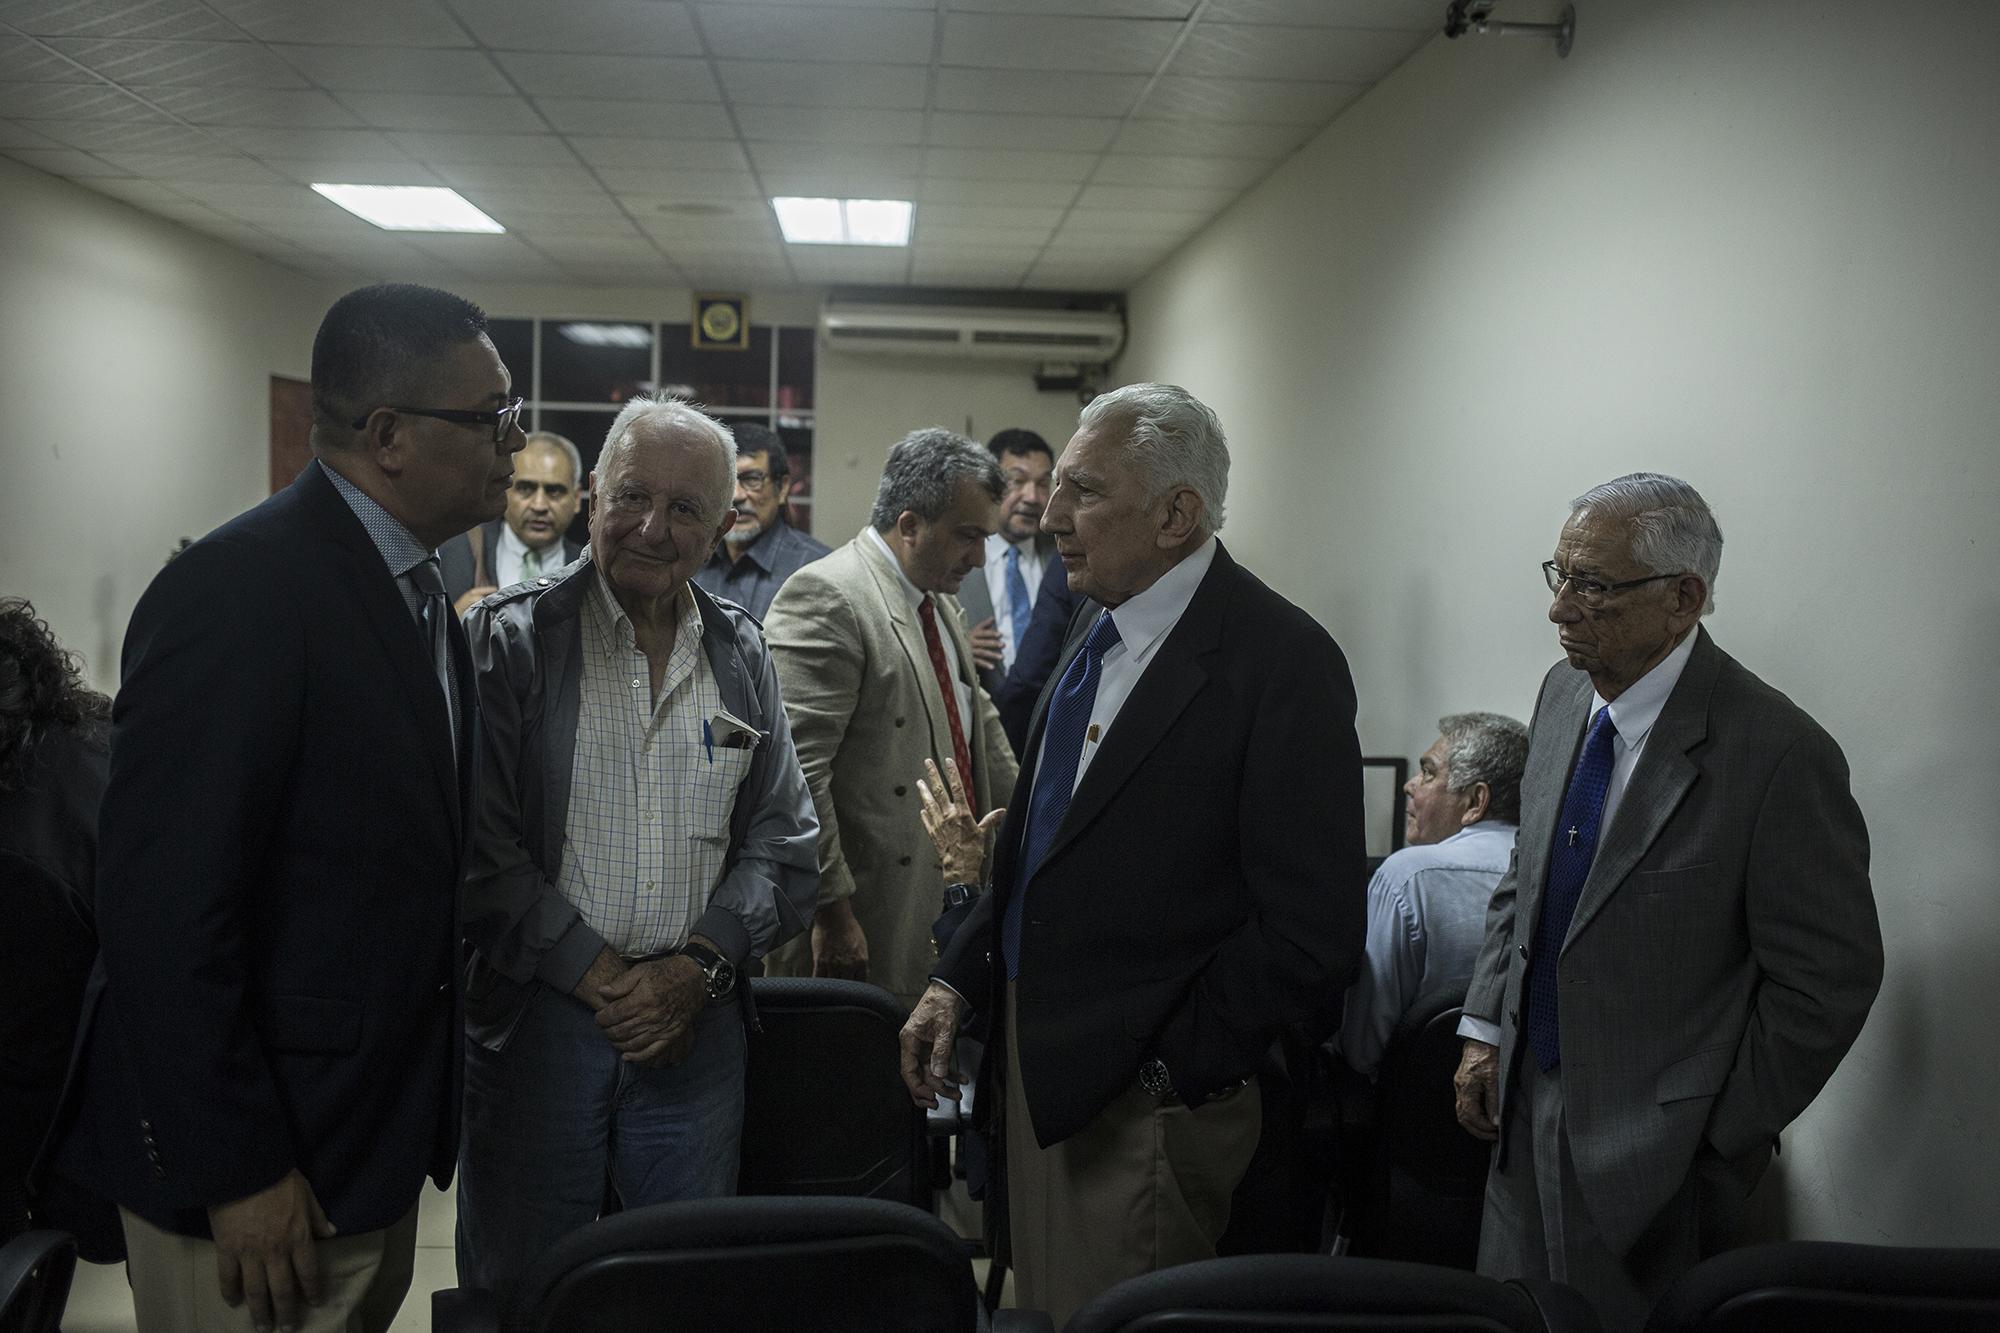 Jesús Gabriel Contreras, Rafael Flores Lima y Guillermo García, militares acusados, hablan con uno de sus abogados defensores (izquierda). San Francisco Gotera, Morazán, 18 de julio de 2019. Foto: Víctor Peña.